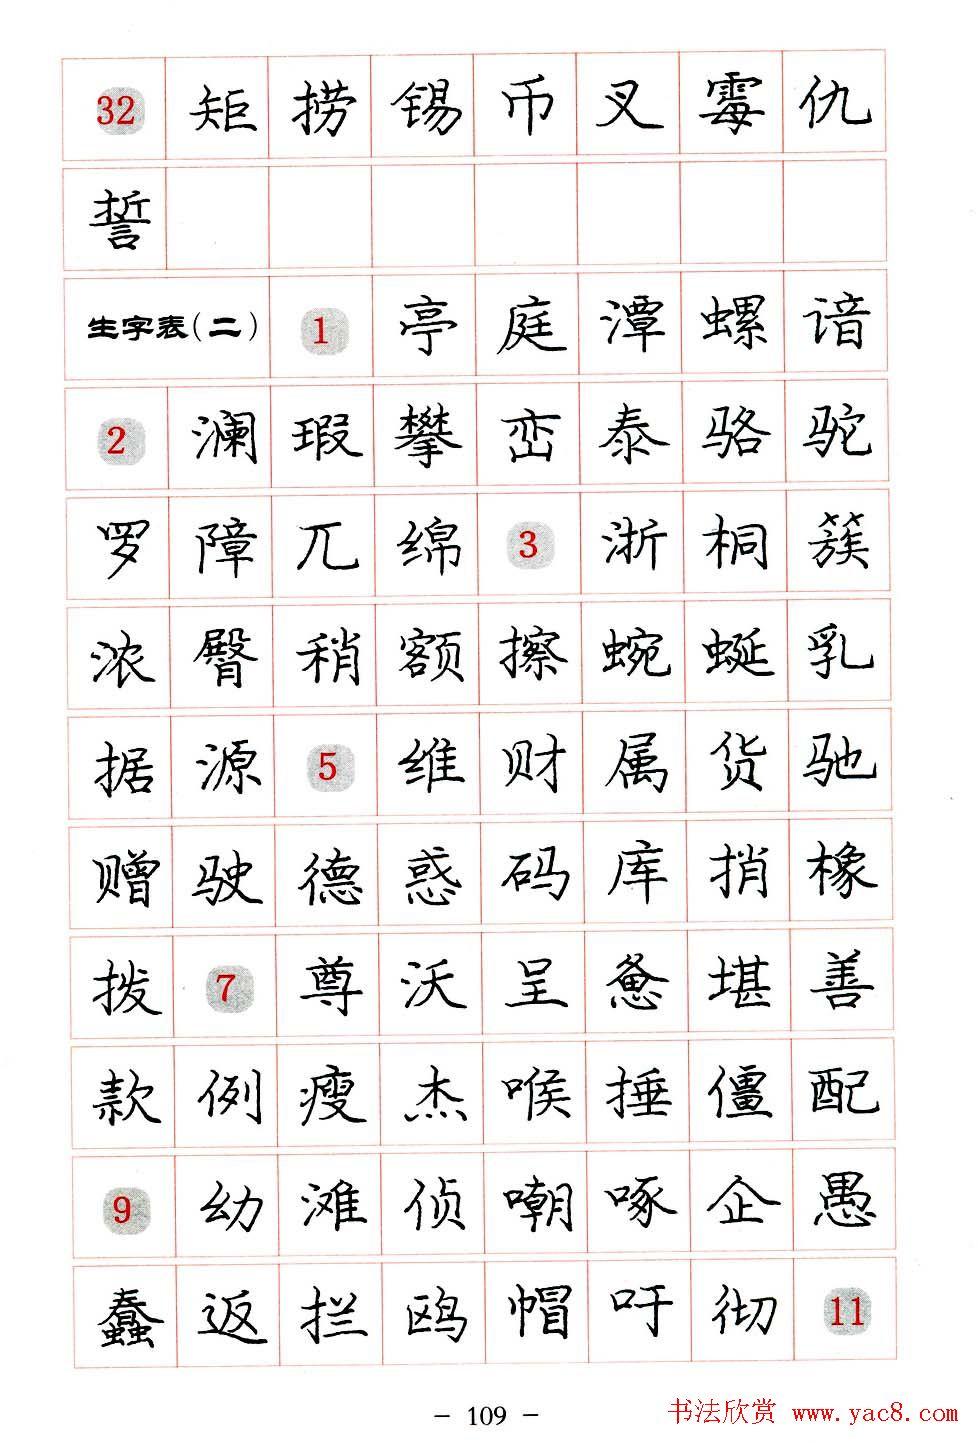 庞中华楷书规范字帖下载.pdf - 第109页 _钢笔字帖